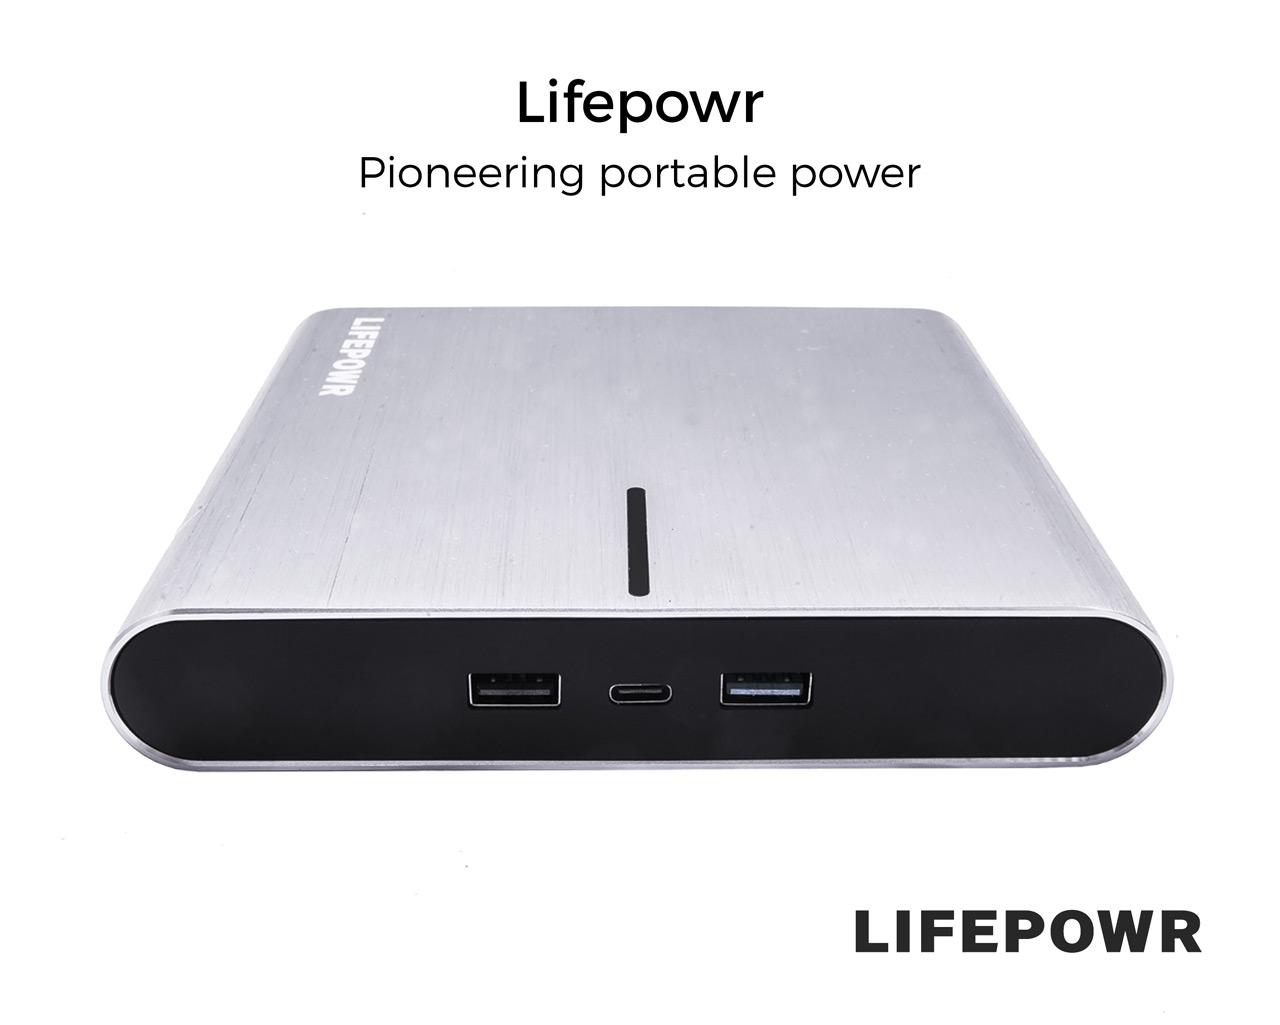 Lifepowr